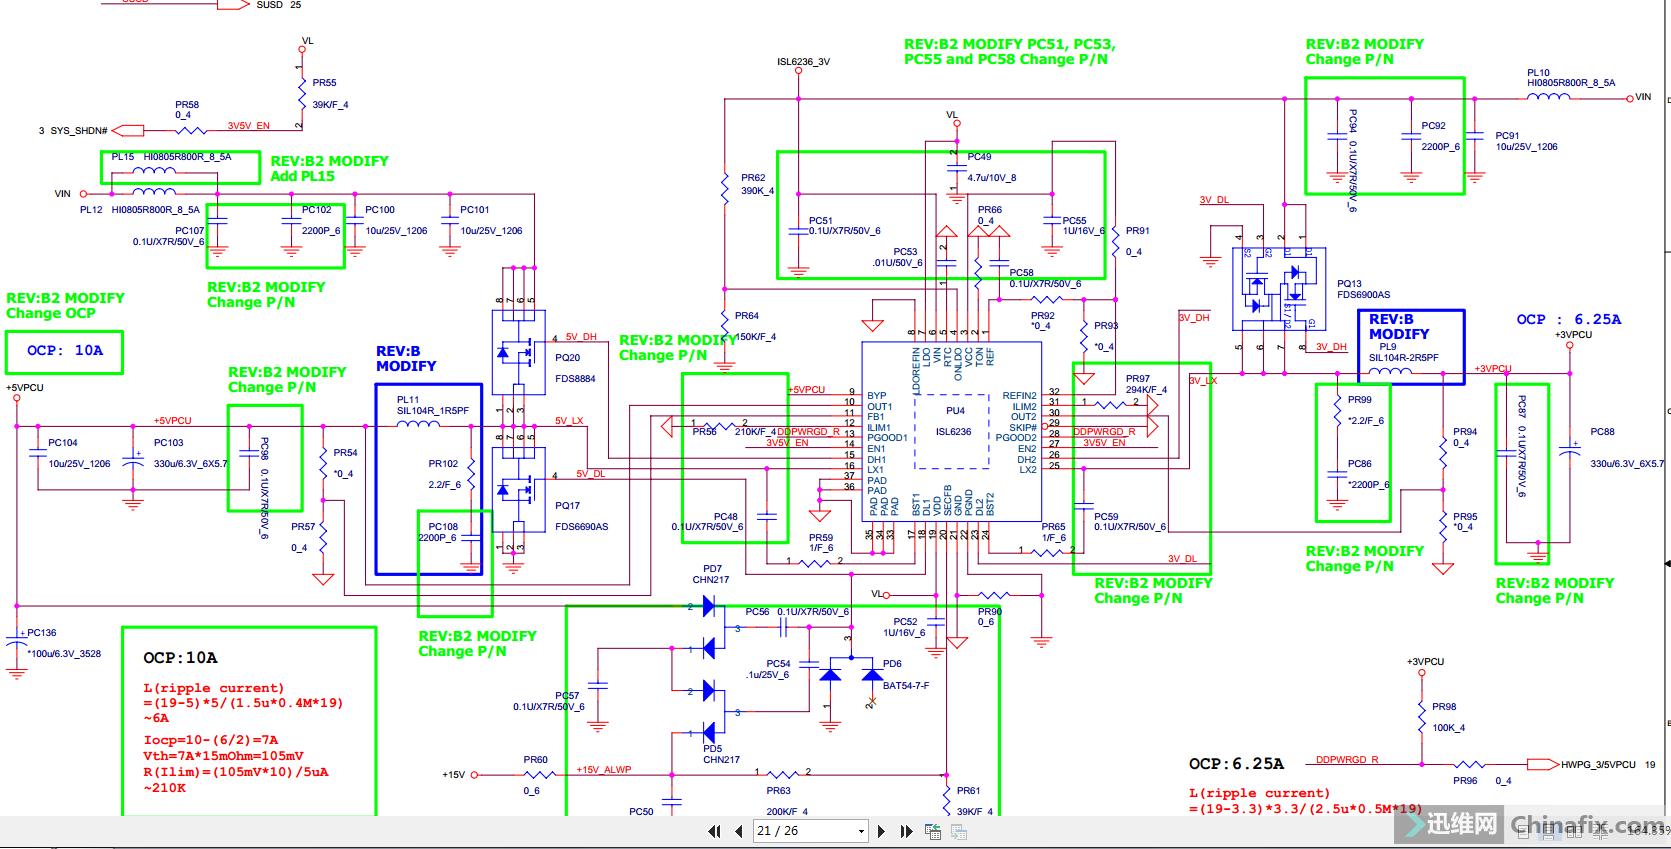 谁能详解一下供电芯片isl6237引角的作用